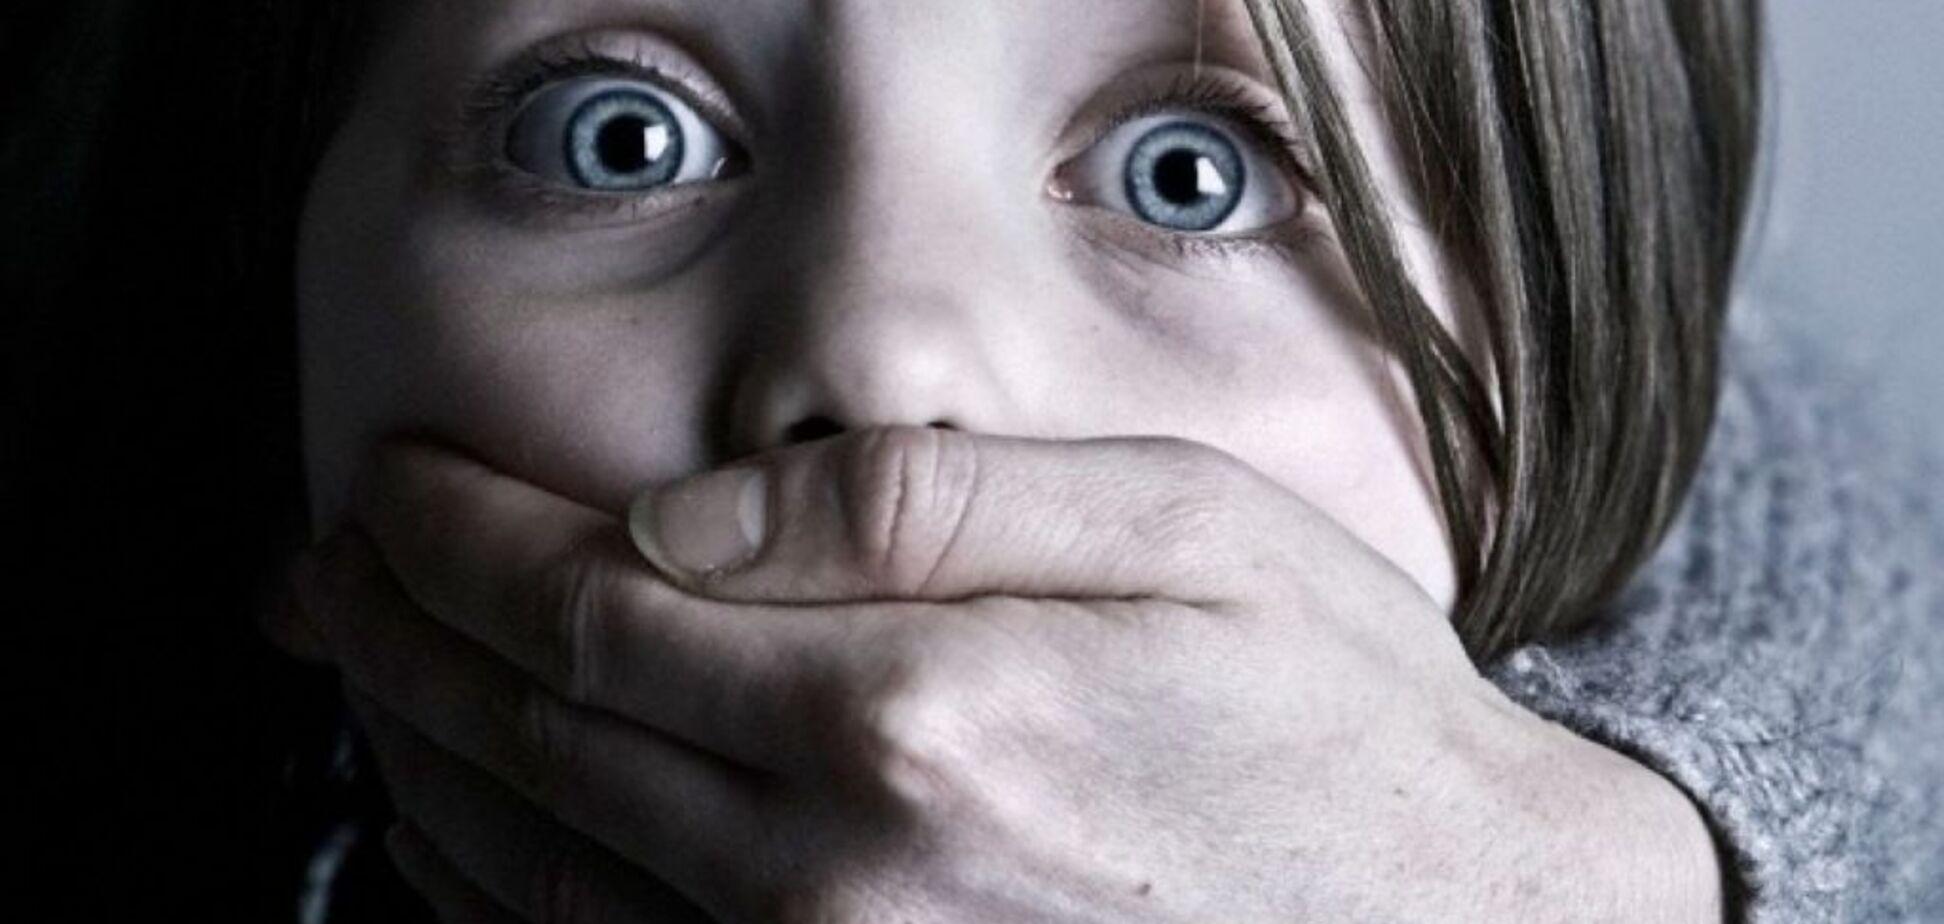 В Одесской области мужчина едва не похитил 7-летнюю девочку. Источник: Иллюстрация